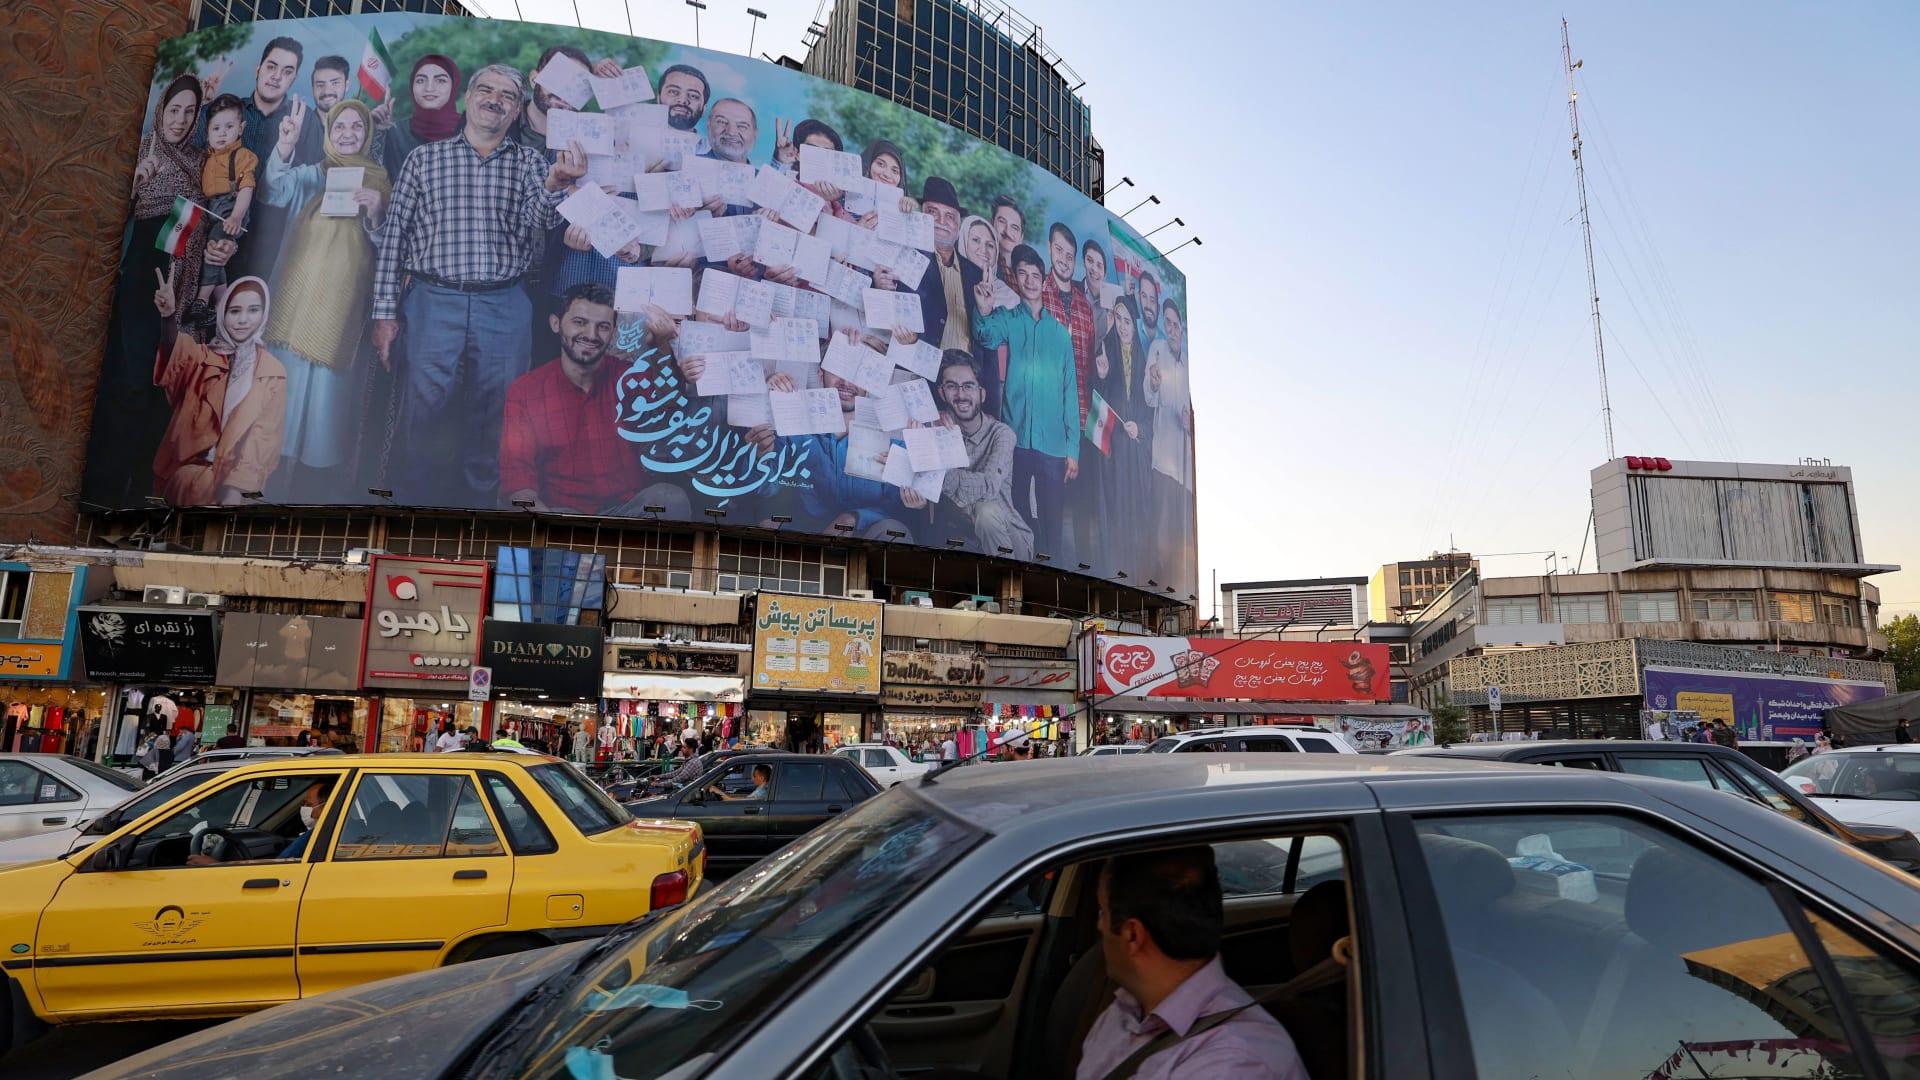 لوحة إعلانية للمشاركة بالتصويت في الانتخابات الإيرانية